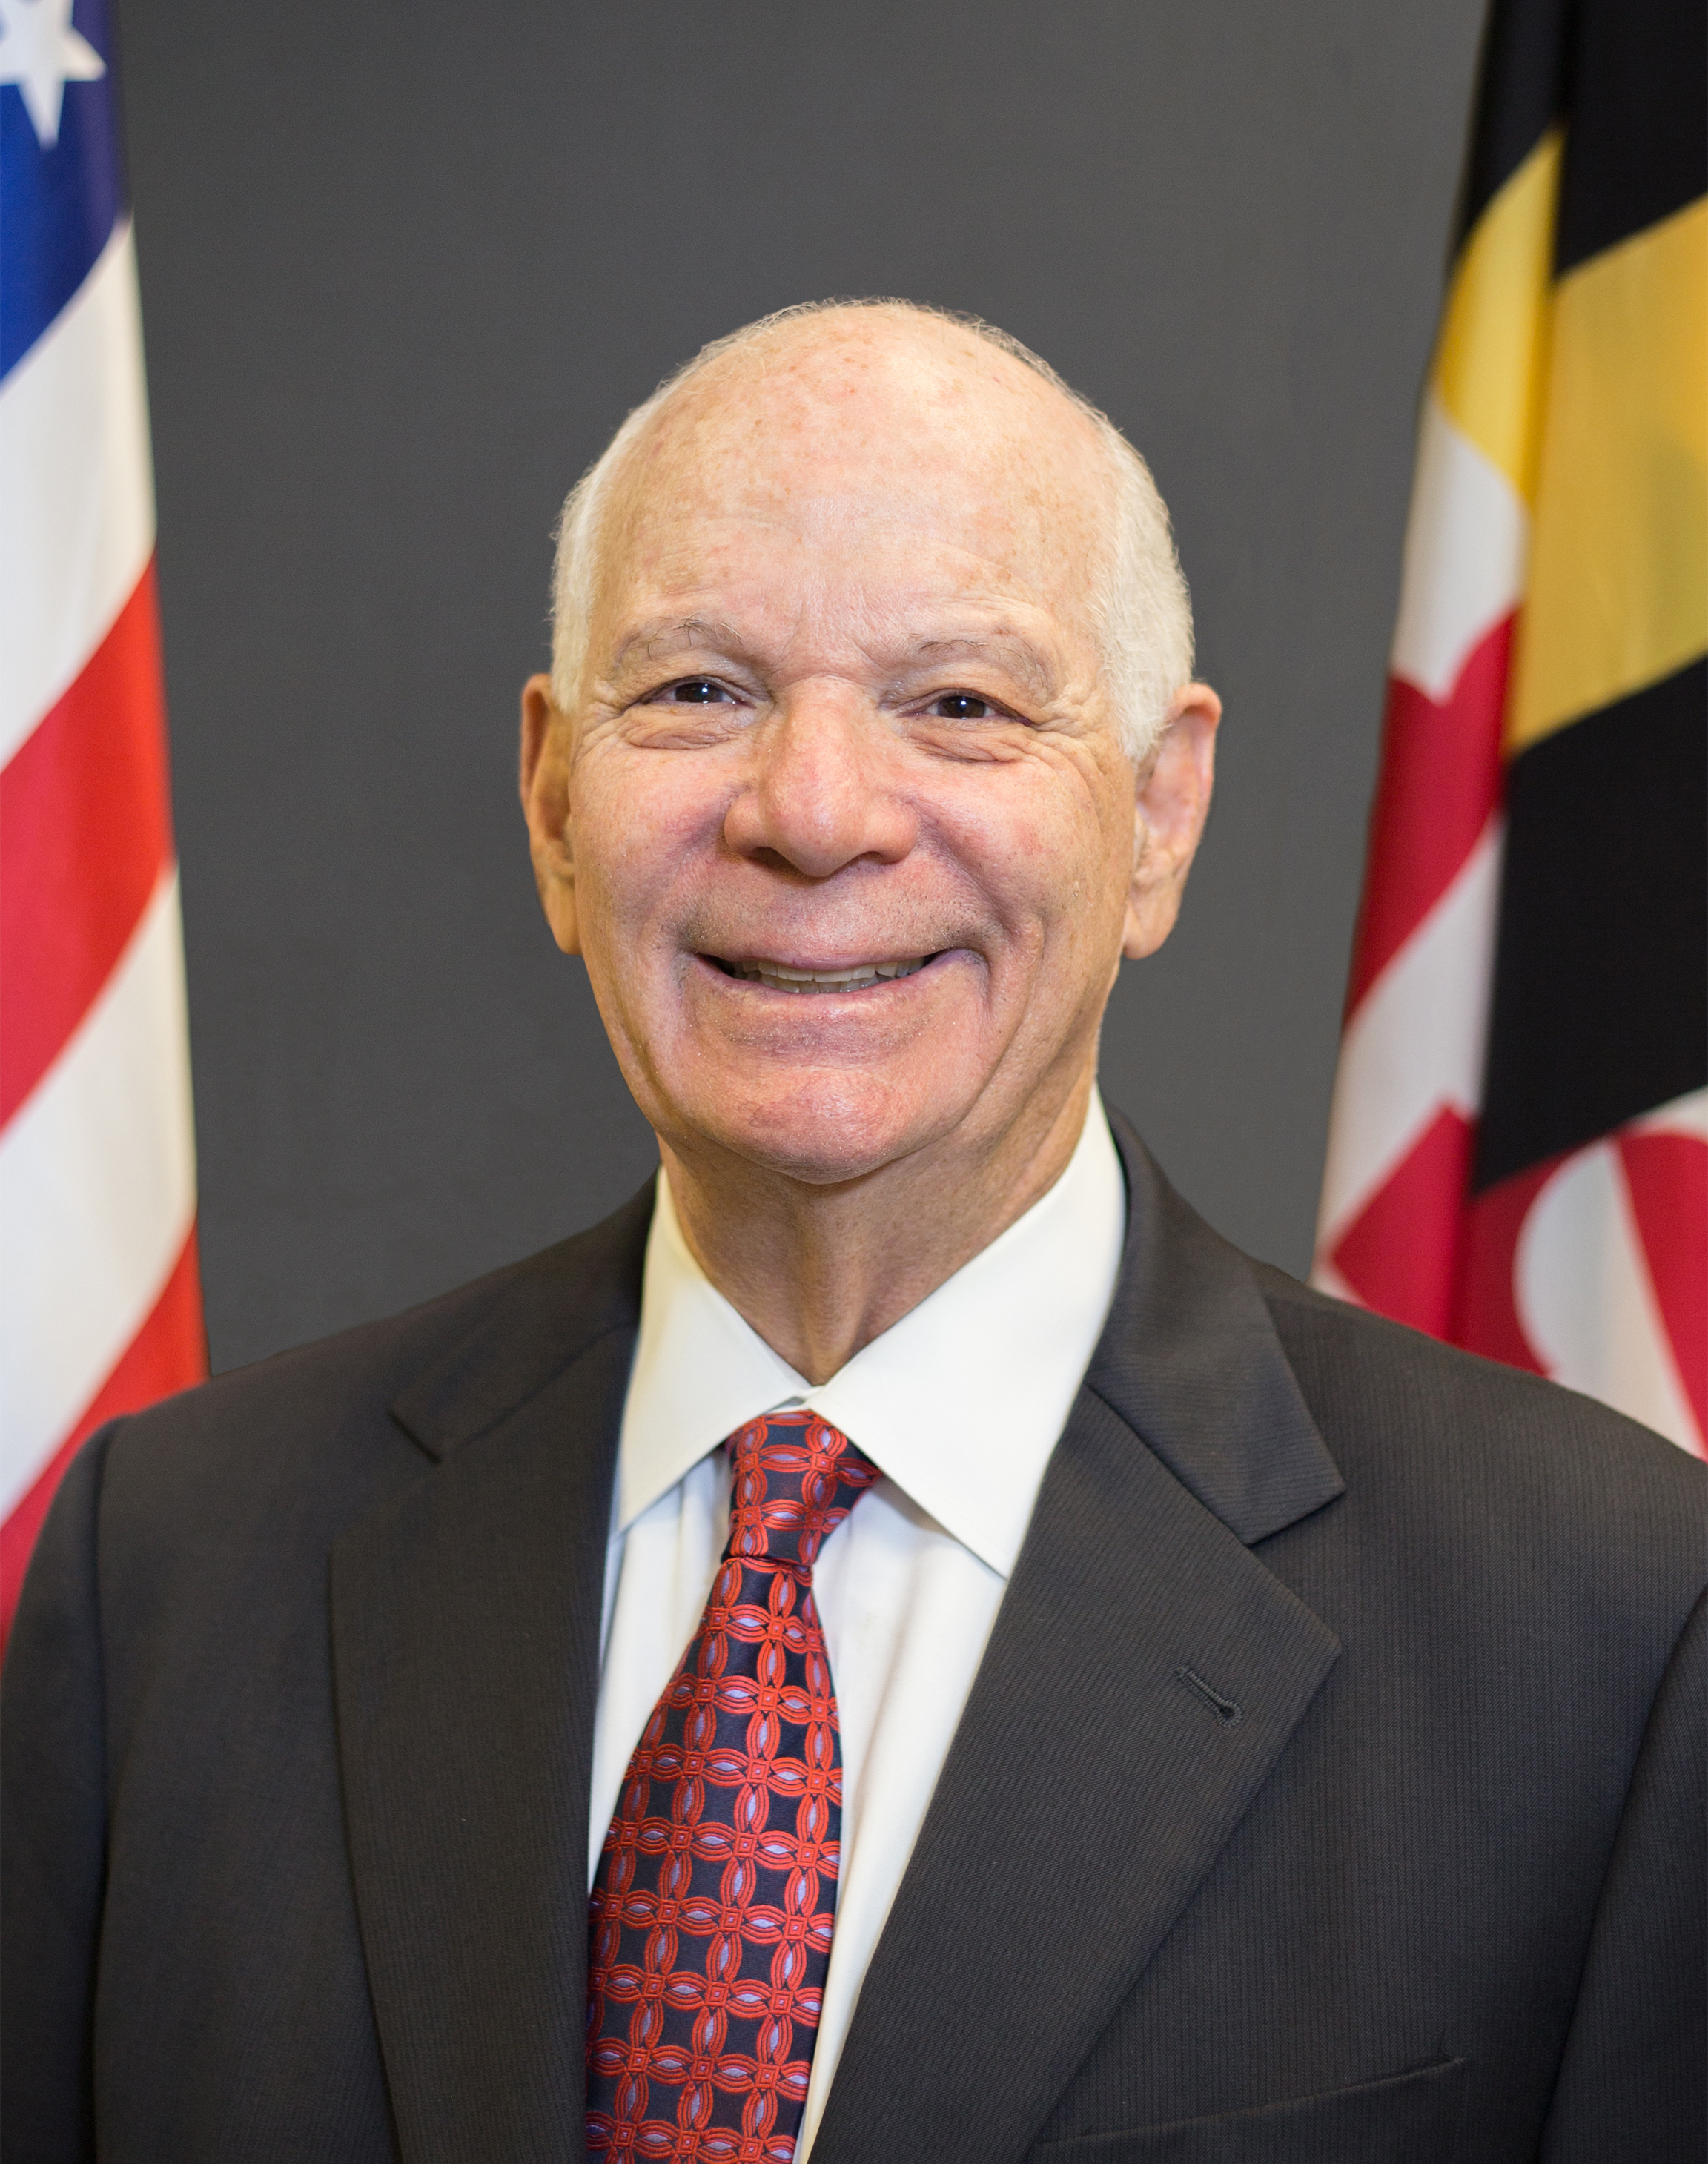 Sen. Benjamin L. Cardin (D-MD)